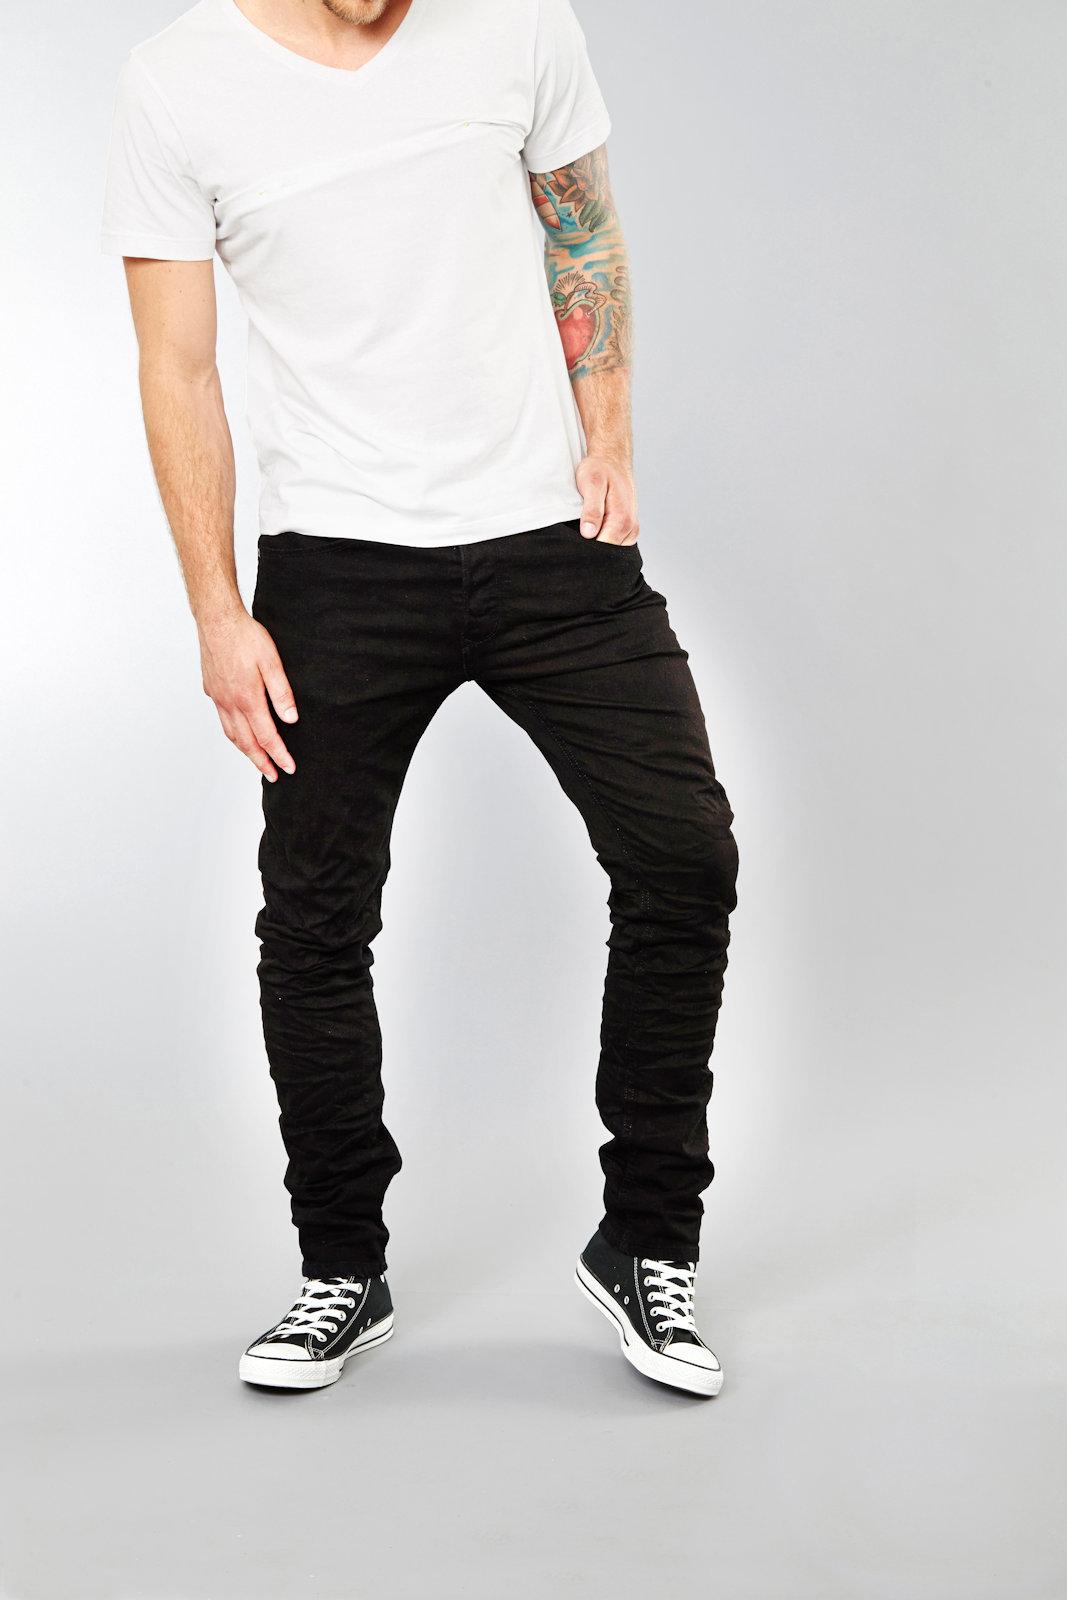 blend herren twister jeans hose schwarz stretch slimfit neu 700511 ebay. Black Bedroom Furniture Sets. Home Design Ideas